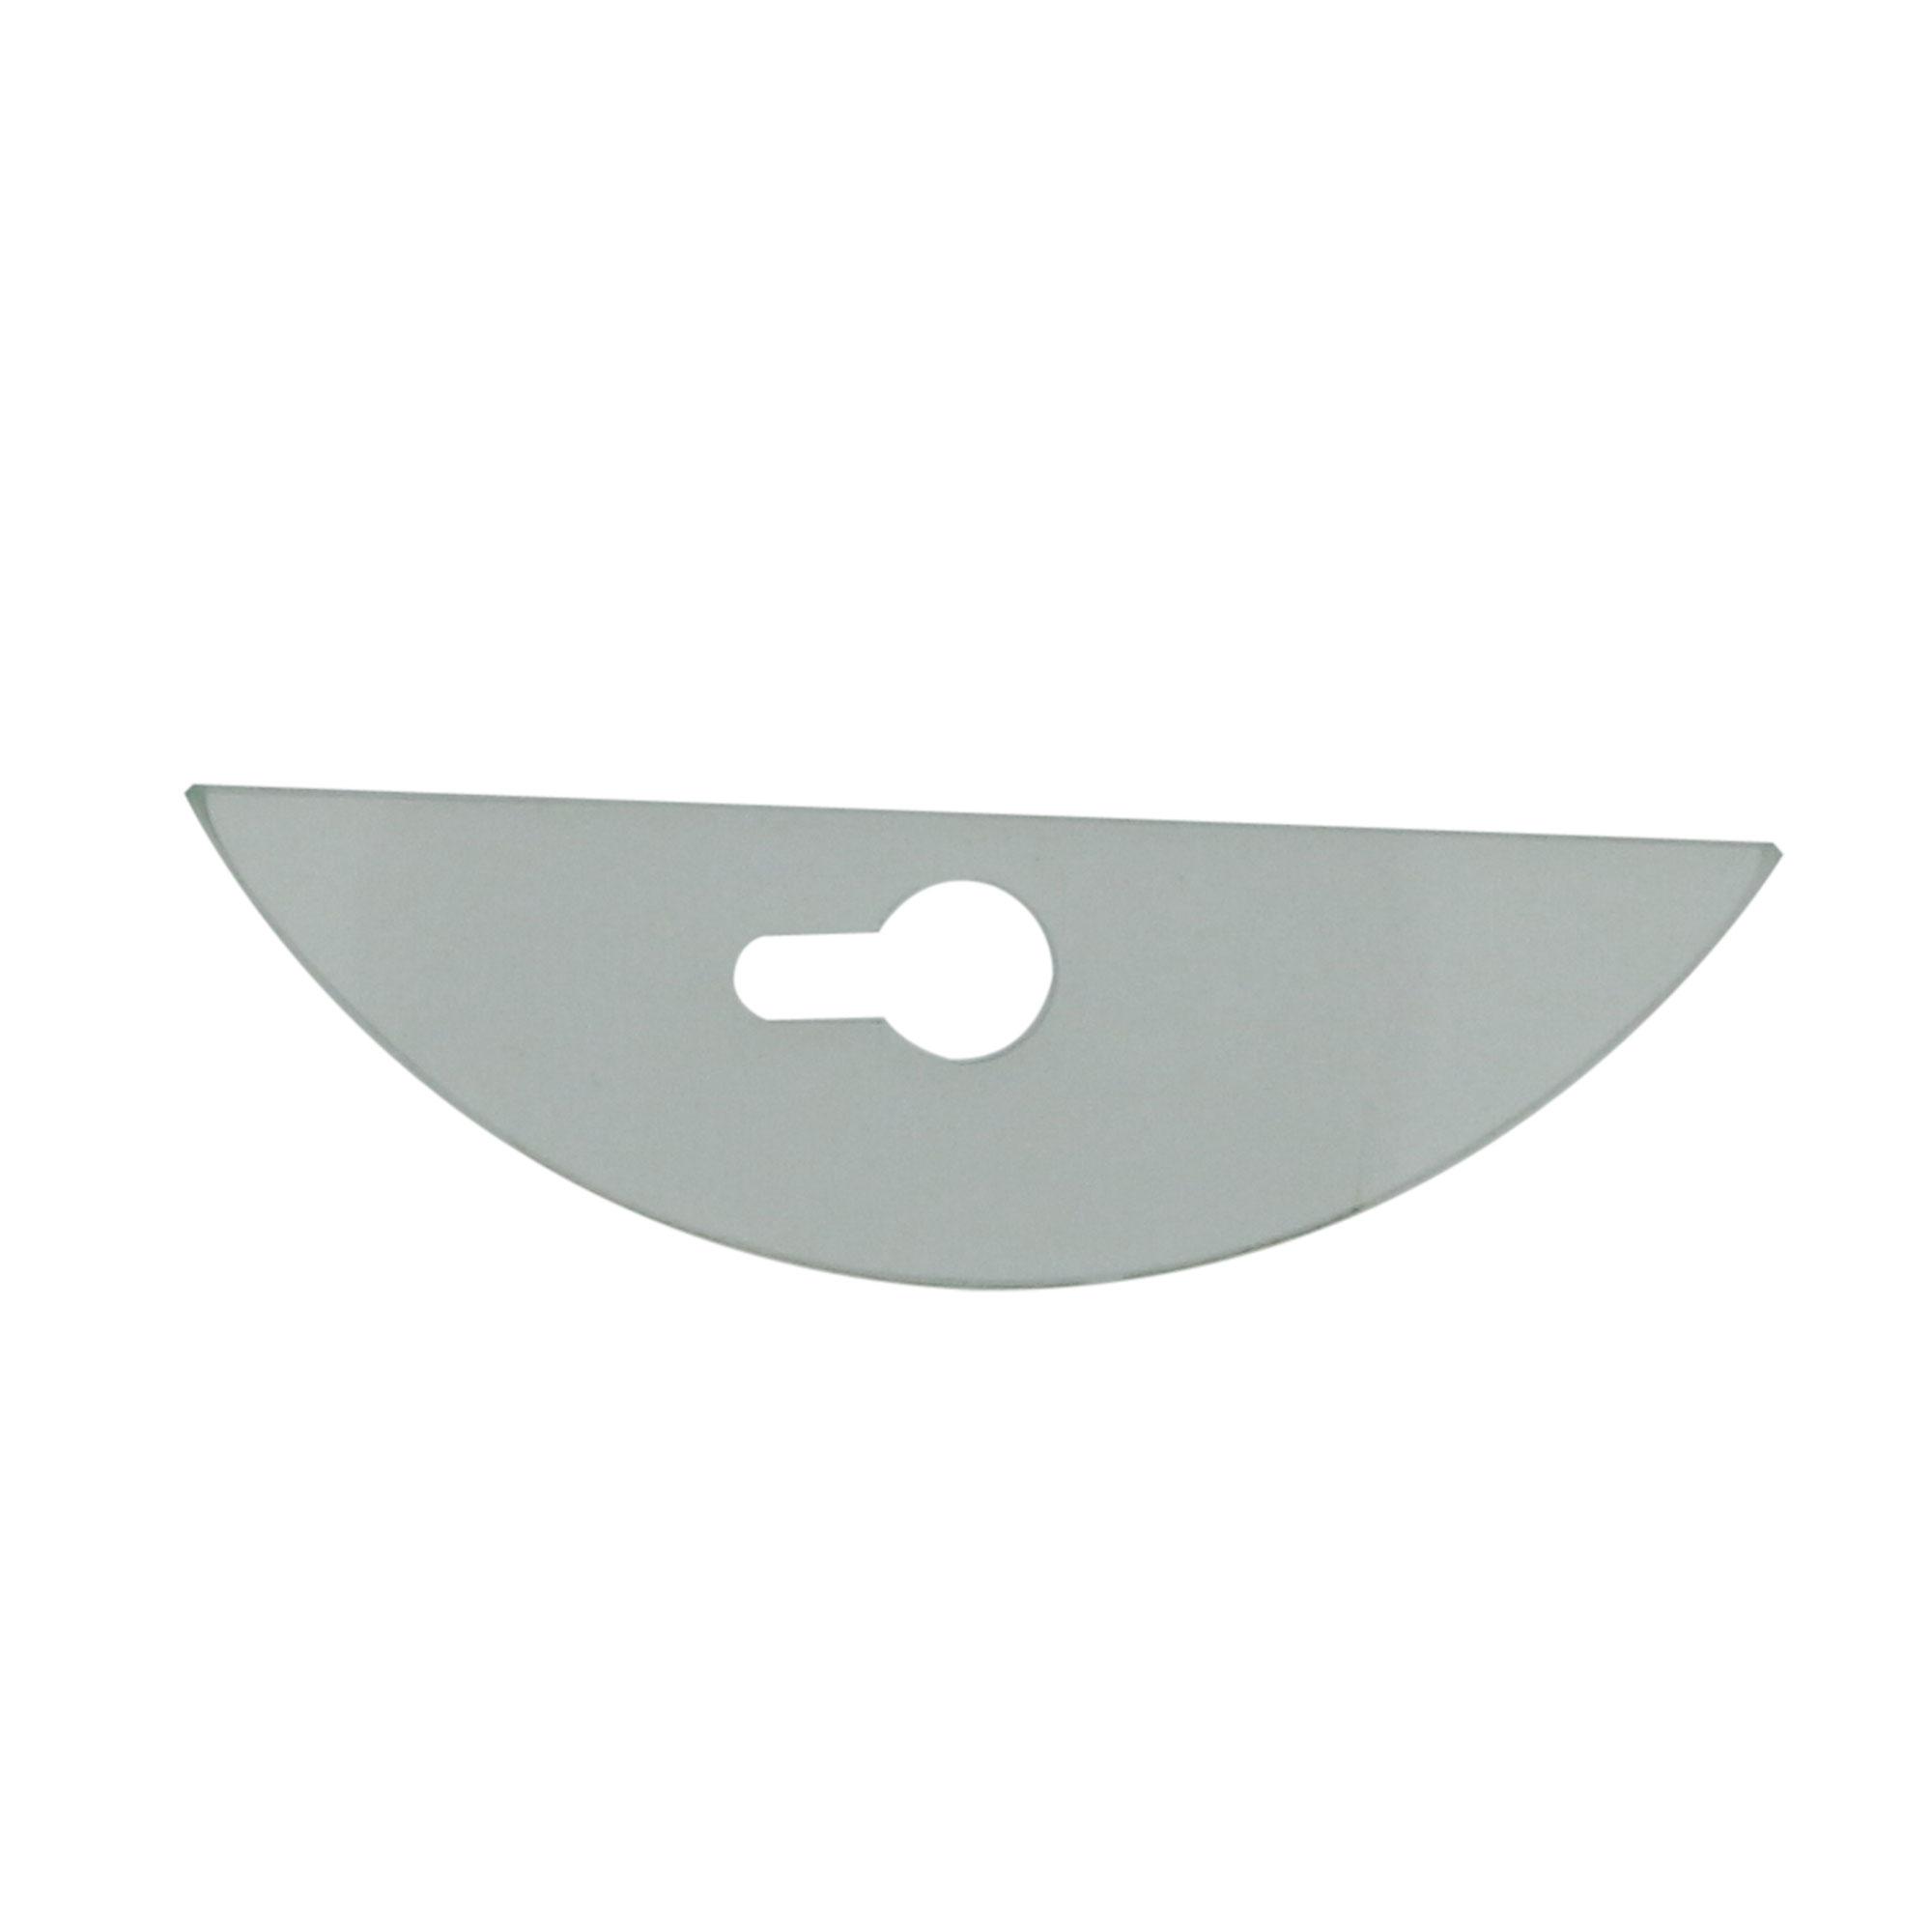 撹拌羽根 半月形 ガラス製 74mm 柴田科学(SIBATA) アイリスDASH!ペーパー